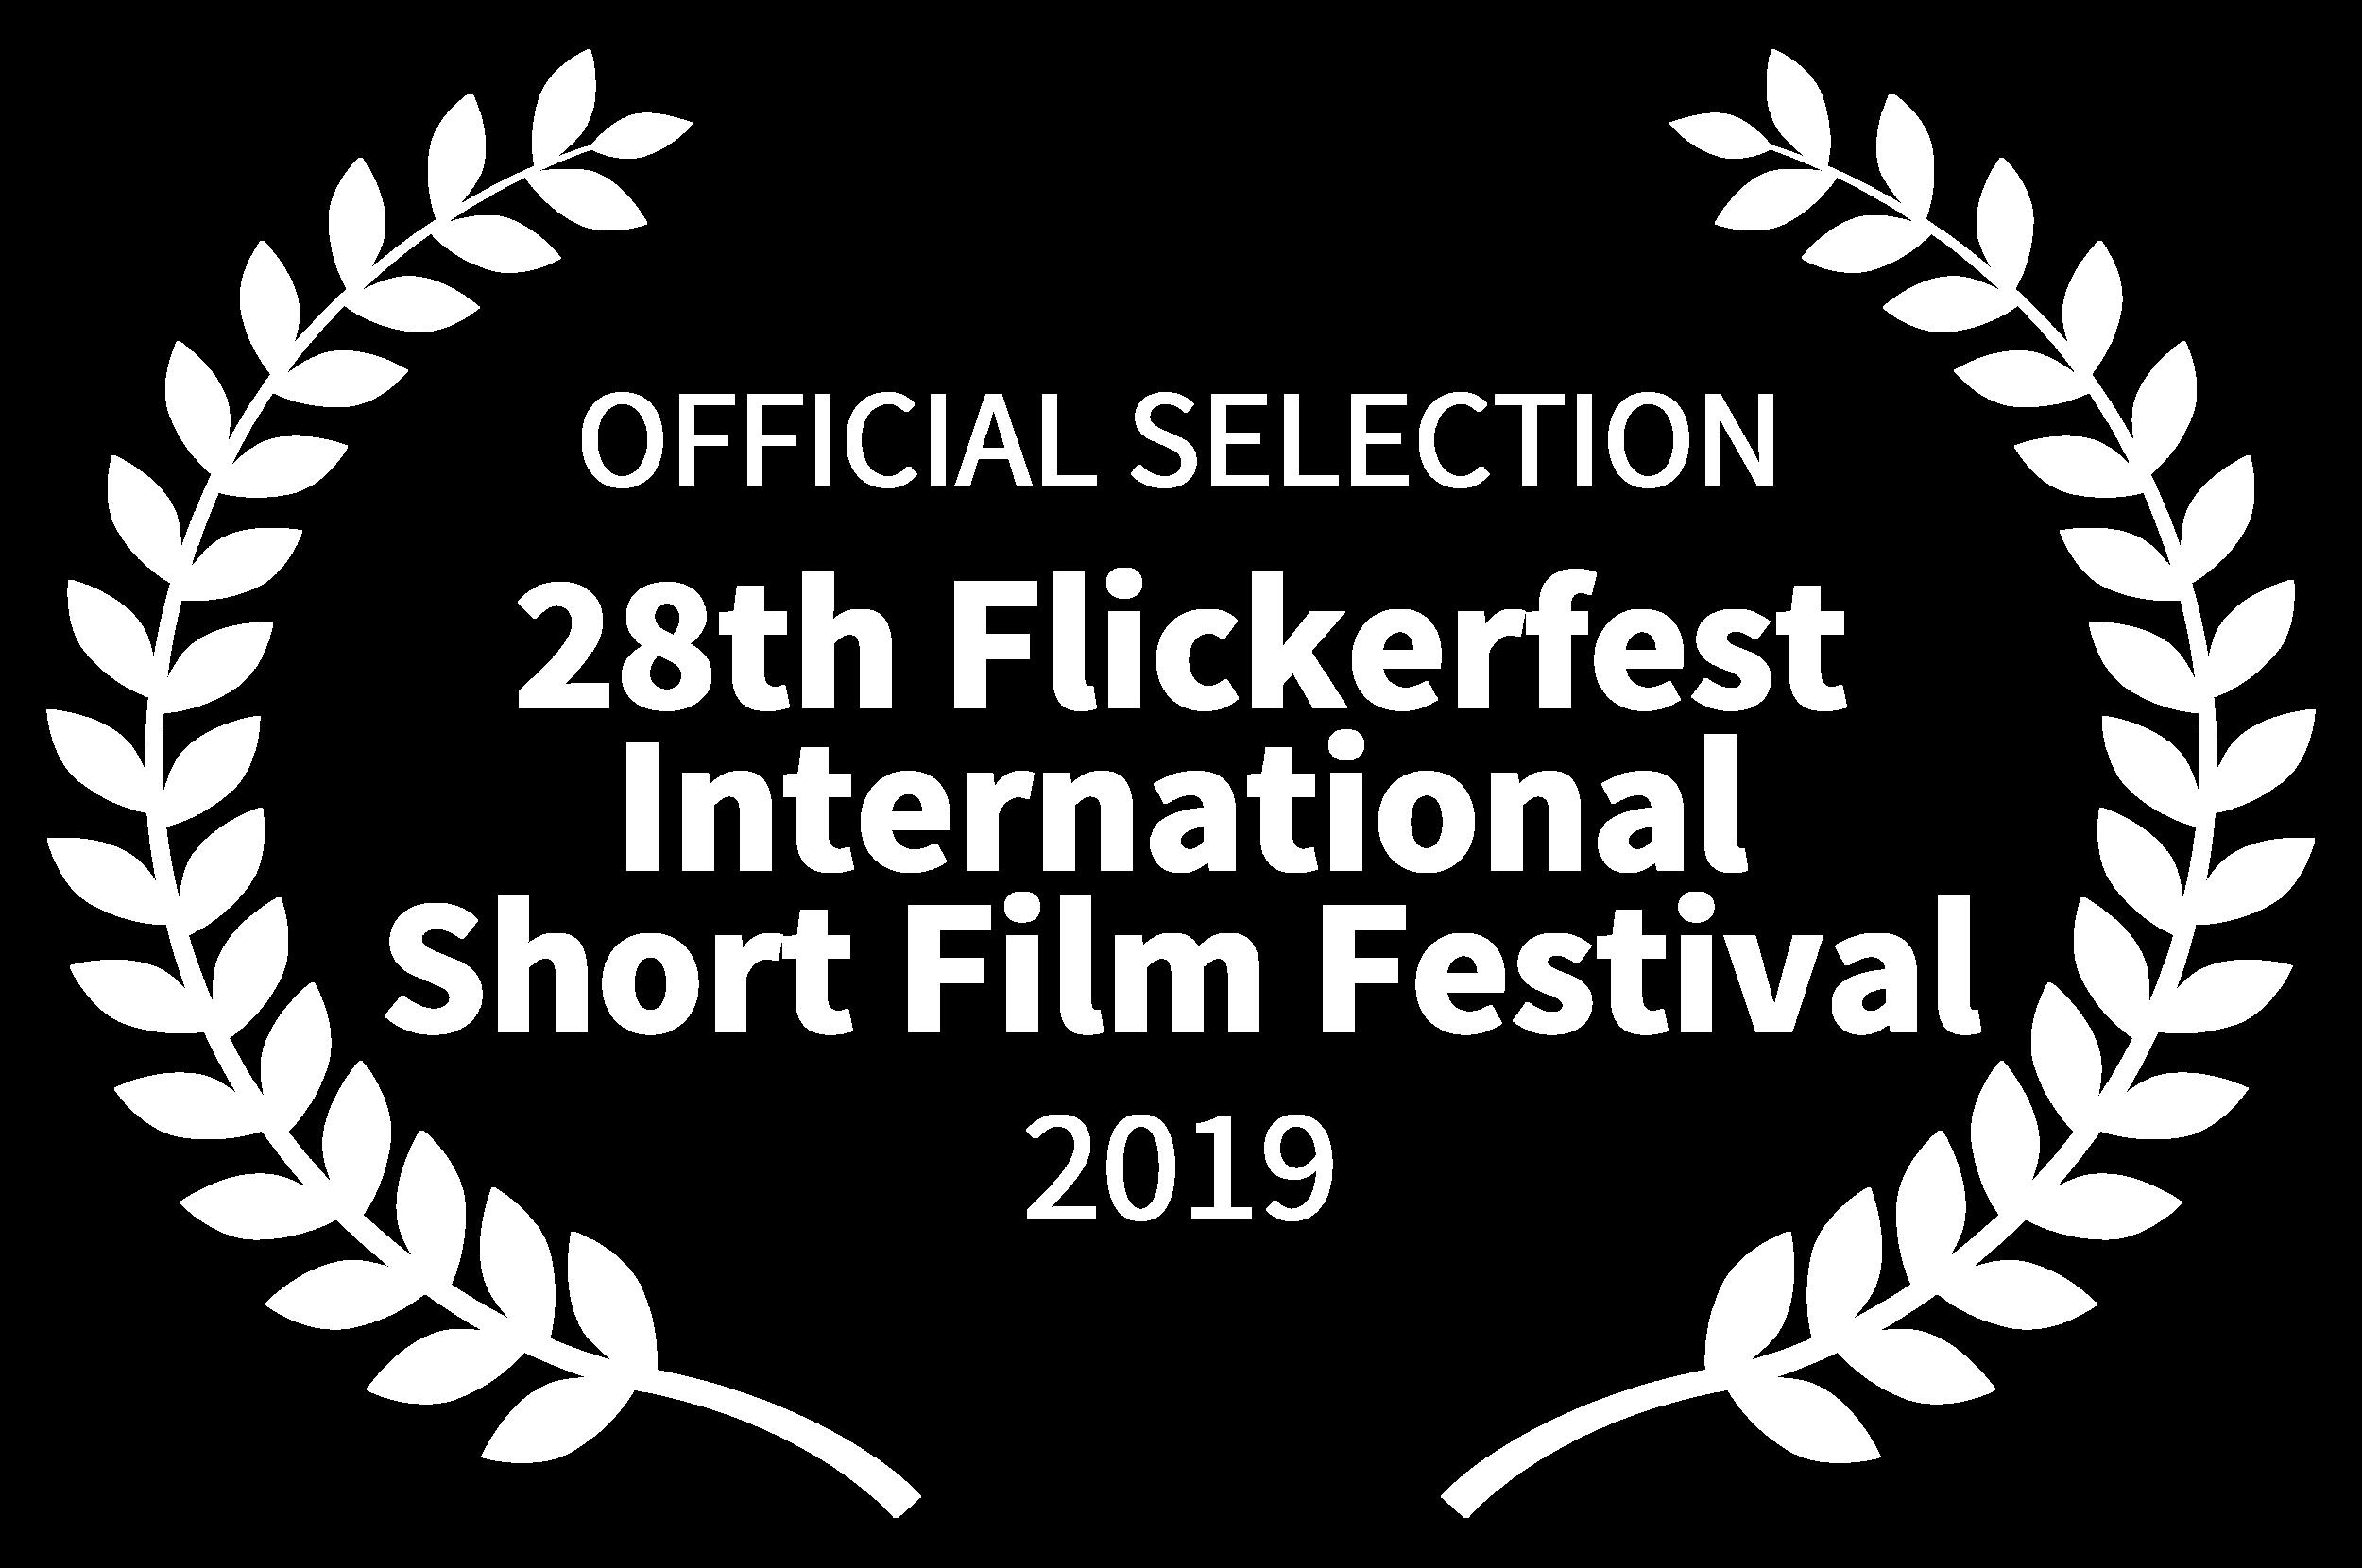 OFFICIALSELECTION-28thFlickerfestInternationalShortFilmFestival-2019 (3) (1).png